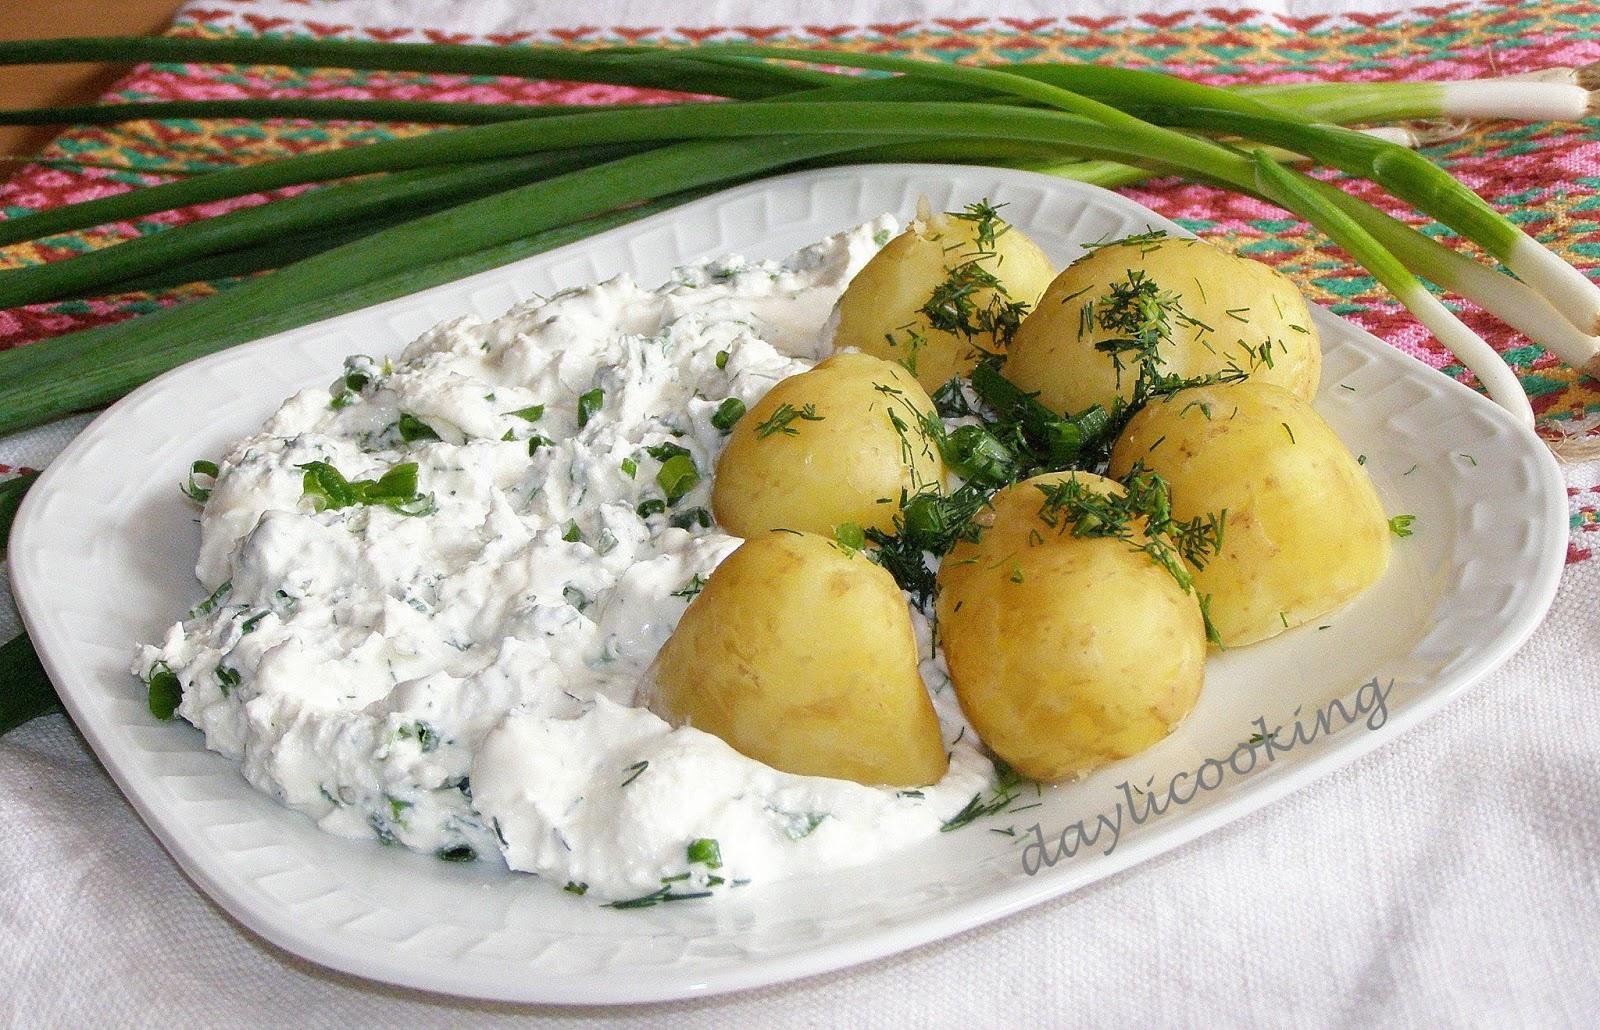 poznański przysmak, poznańskie danie, ziemniaki z twarogiem, daylicooking